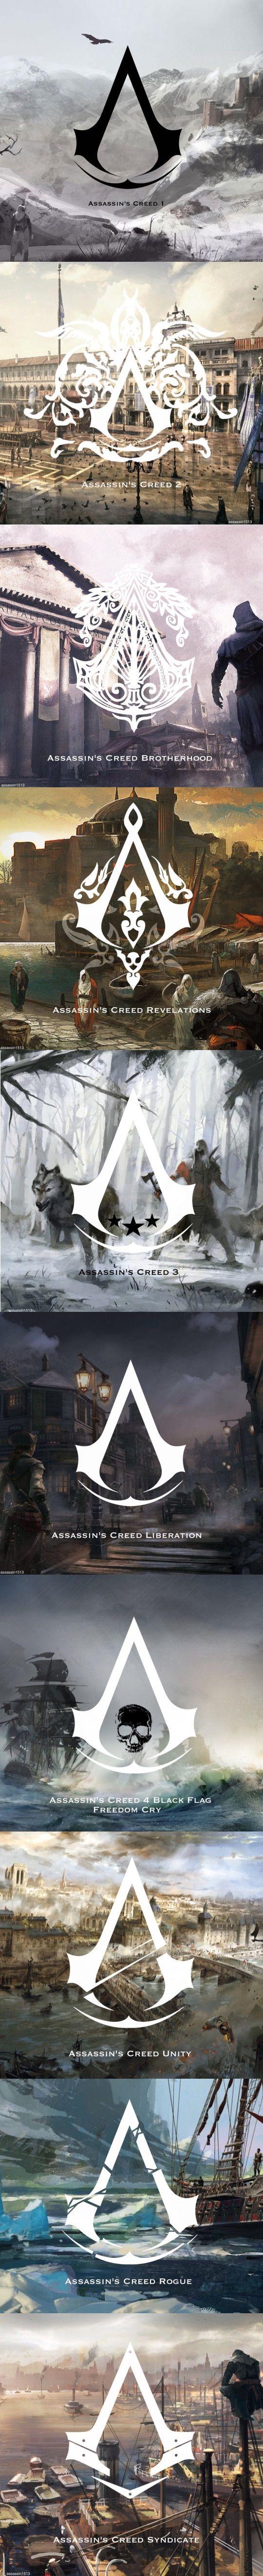 Saga Assassin's Creed, quem conhece acaba amando